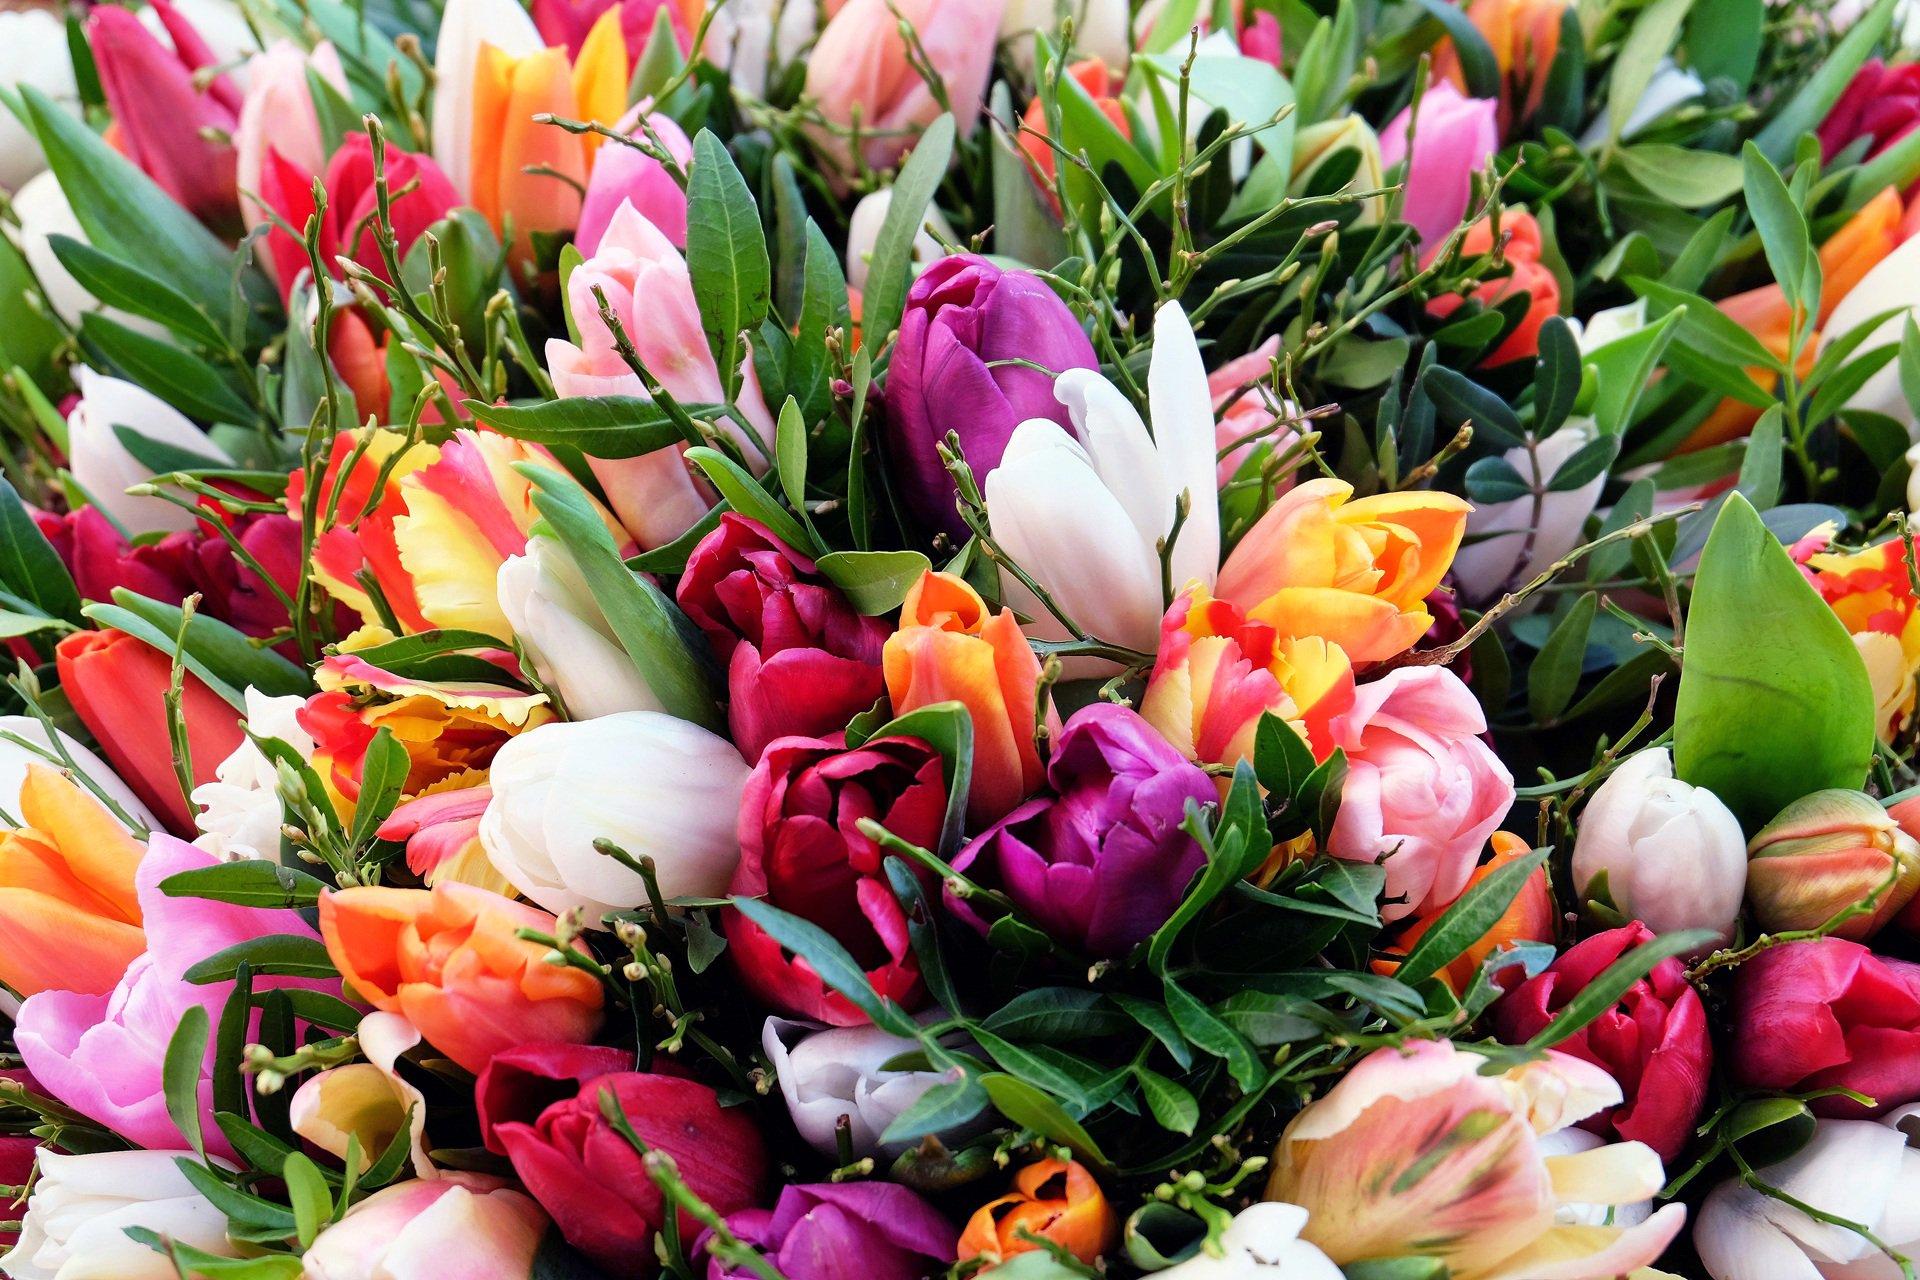 Цветов, самые красивые букеты тюльпанов в мире